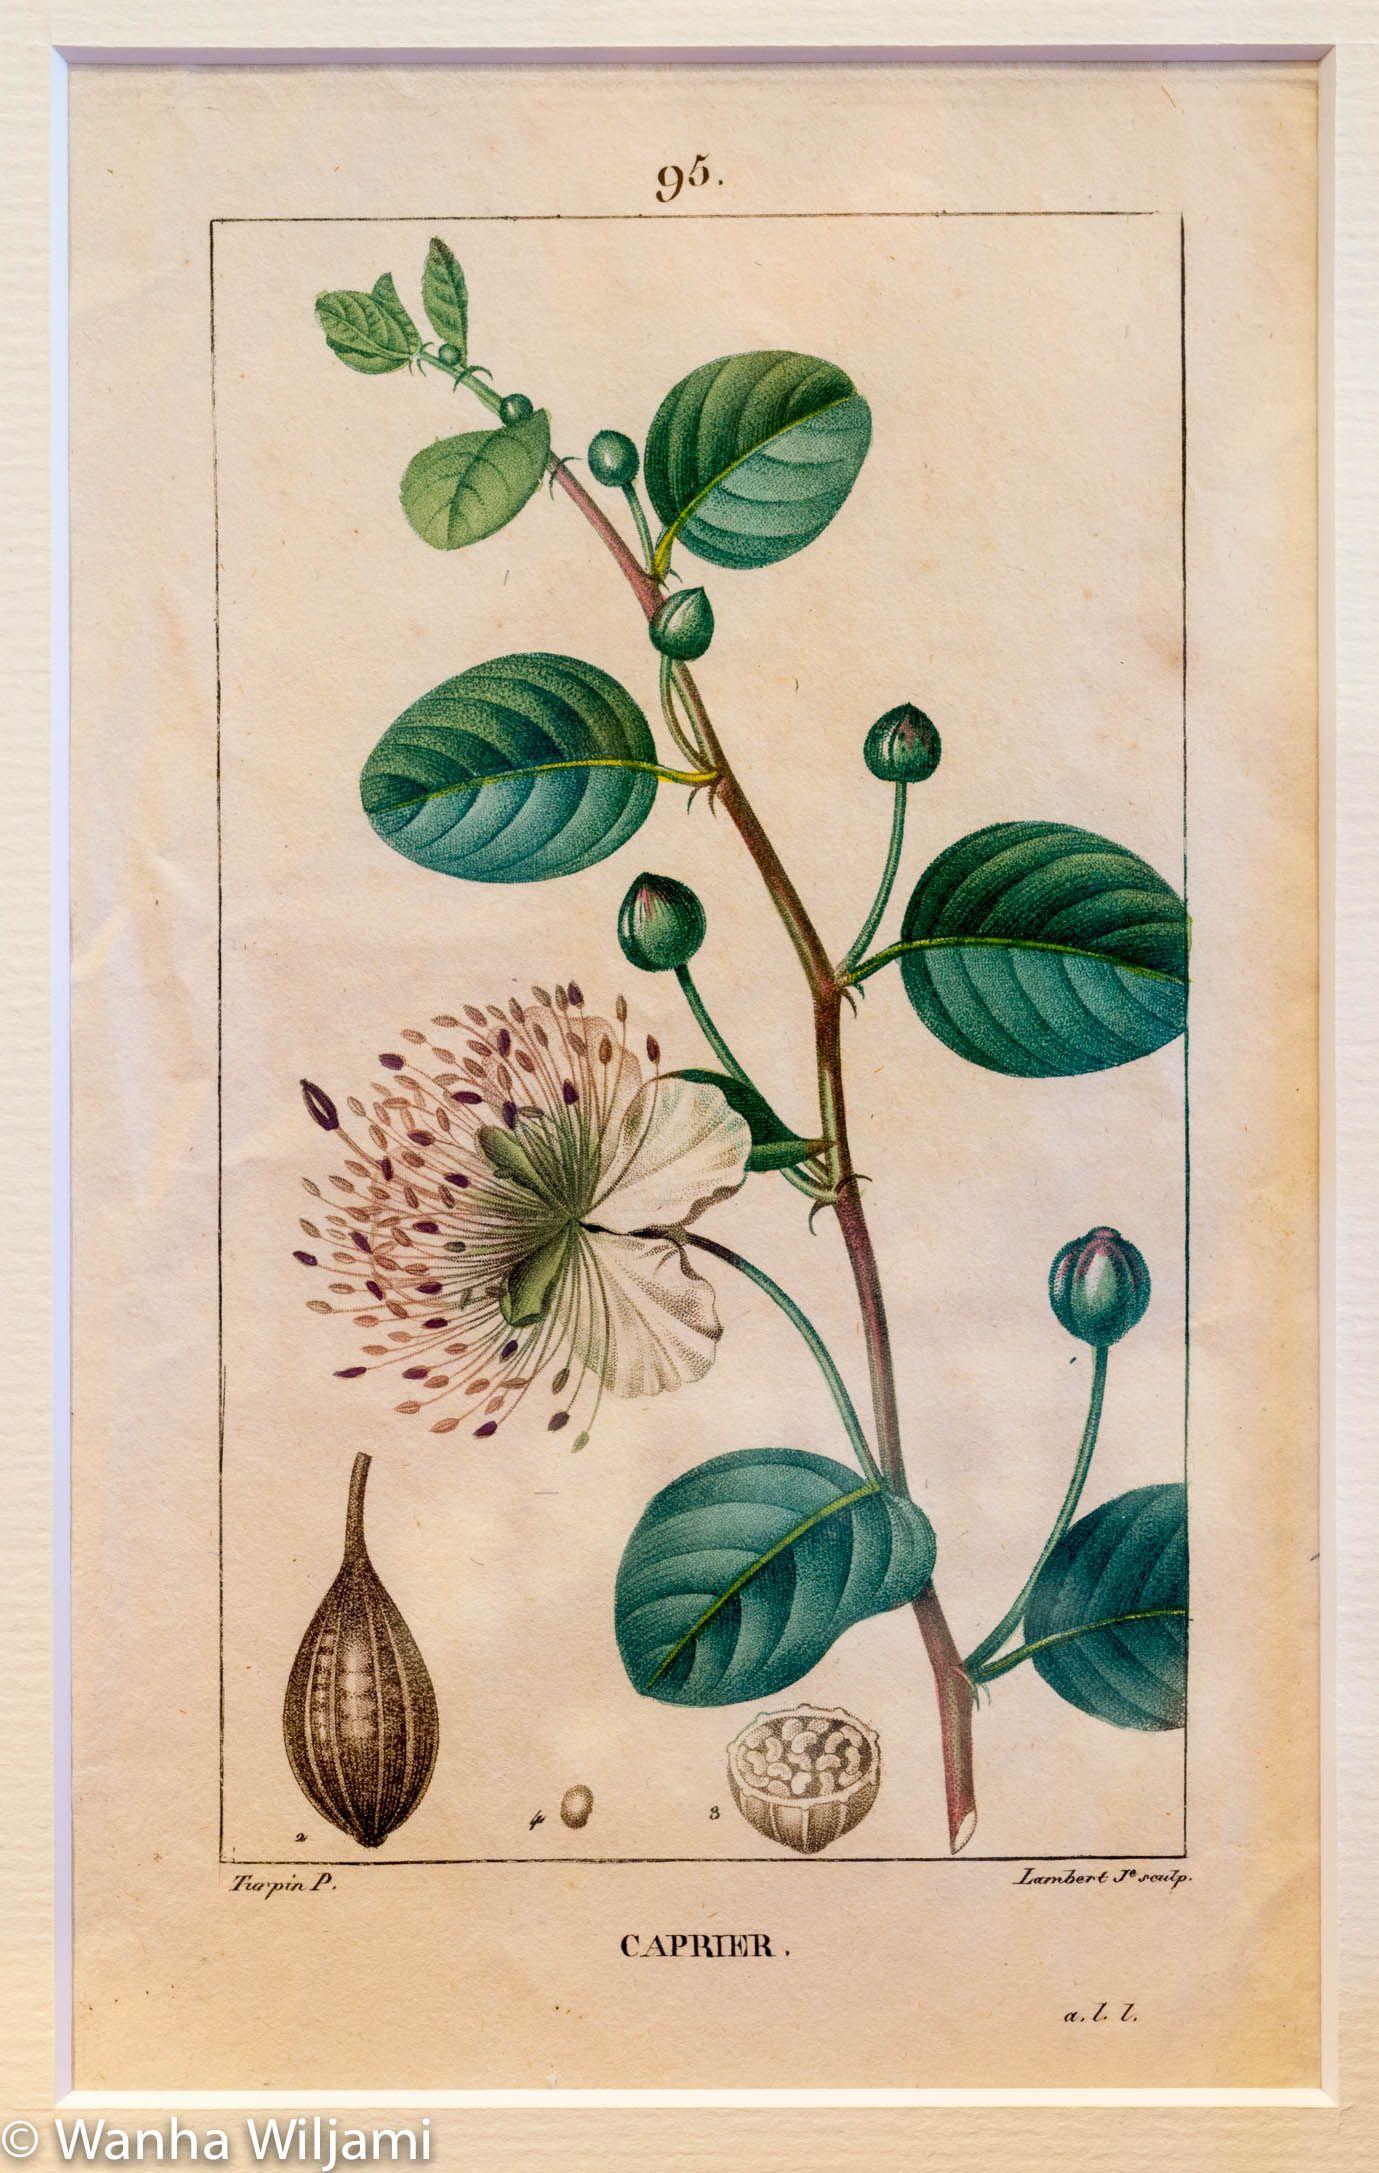 Kuvassa kasvi Kapris.  Alkuperäinen gravyyri vuodelta 1816. Käsinväritetty.  Kuvat ovat kirjasta: Flore medicale, Pierre Turpin (1816)  Kuva on kehystetty.